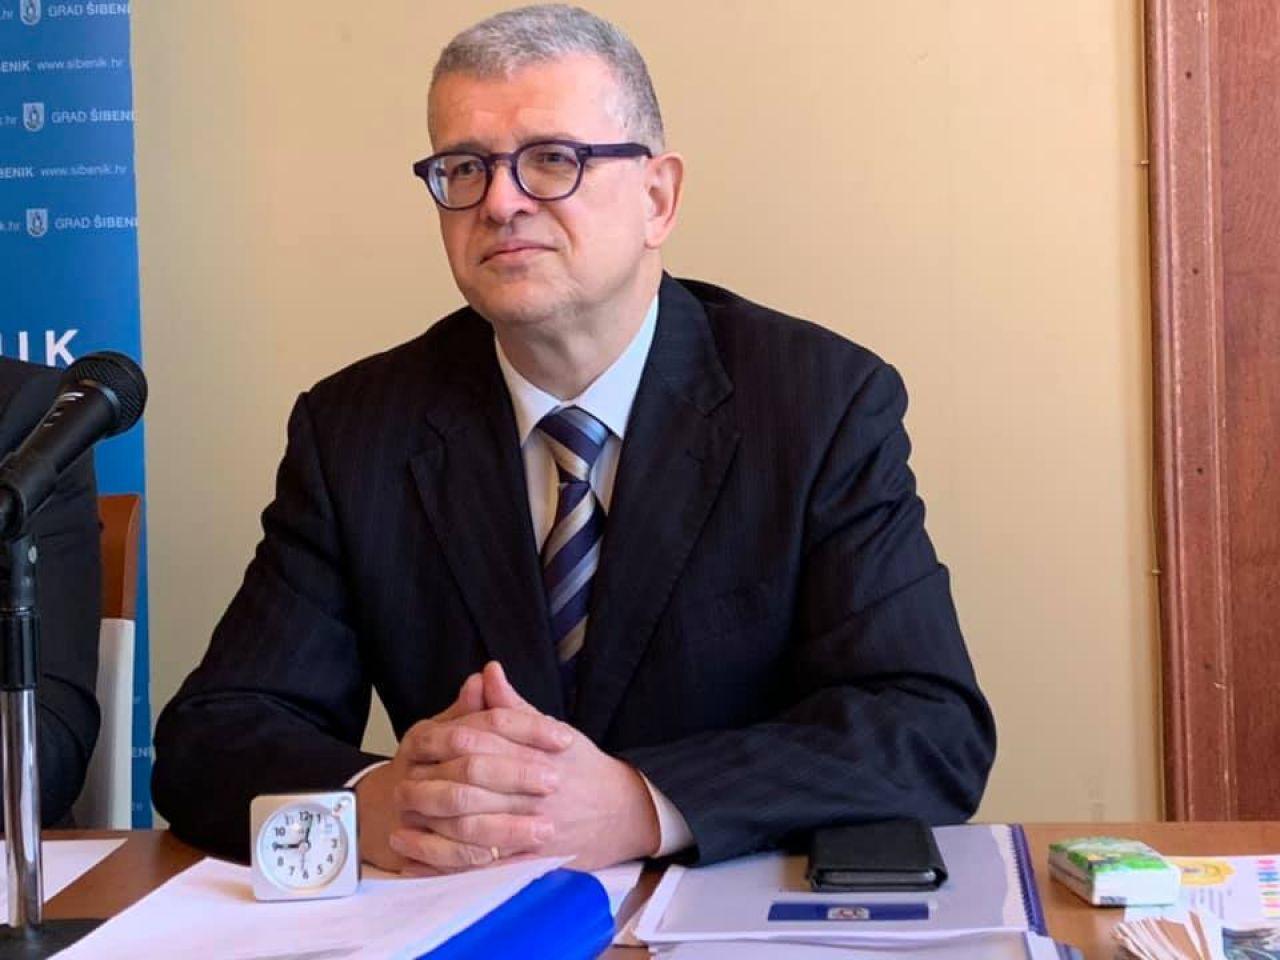 Dragan Zlatović